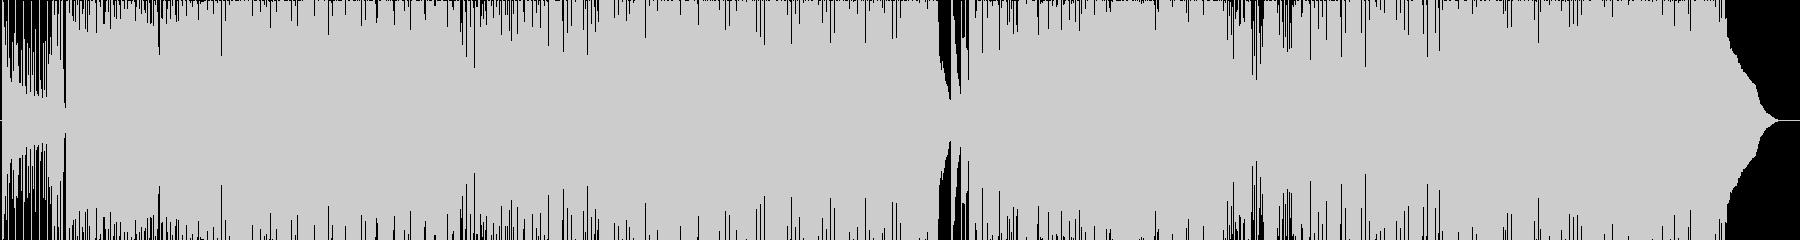 カルチャークラブの未再生の波形